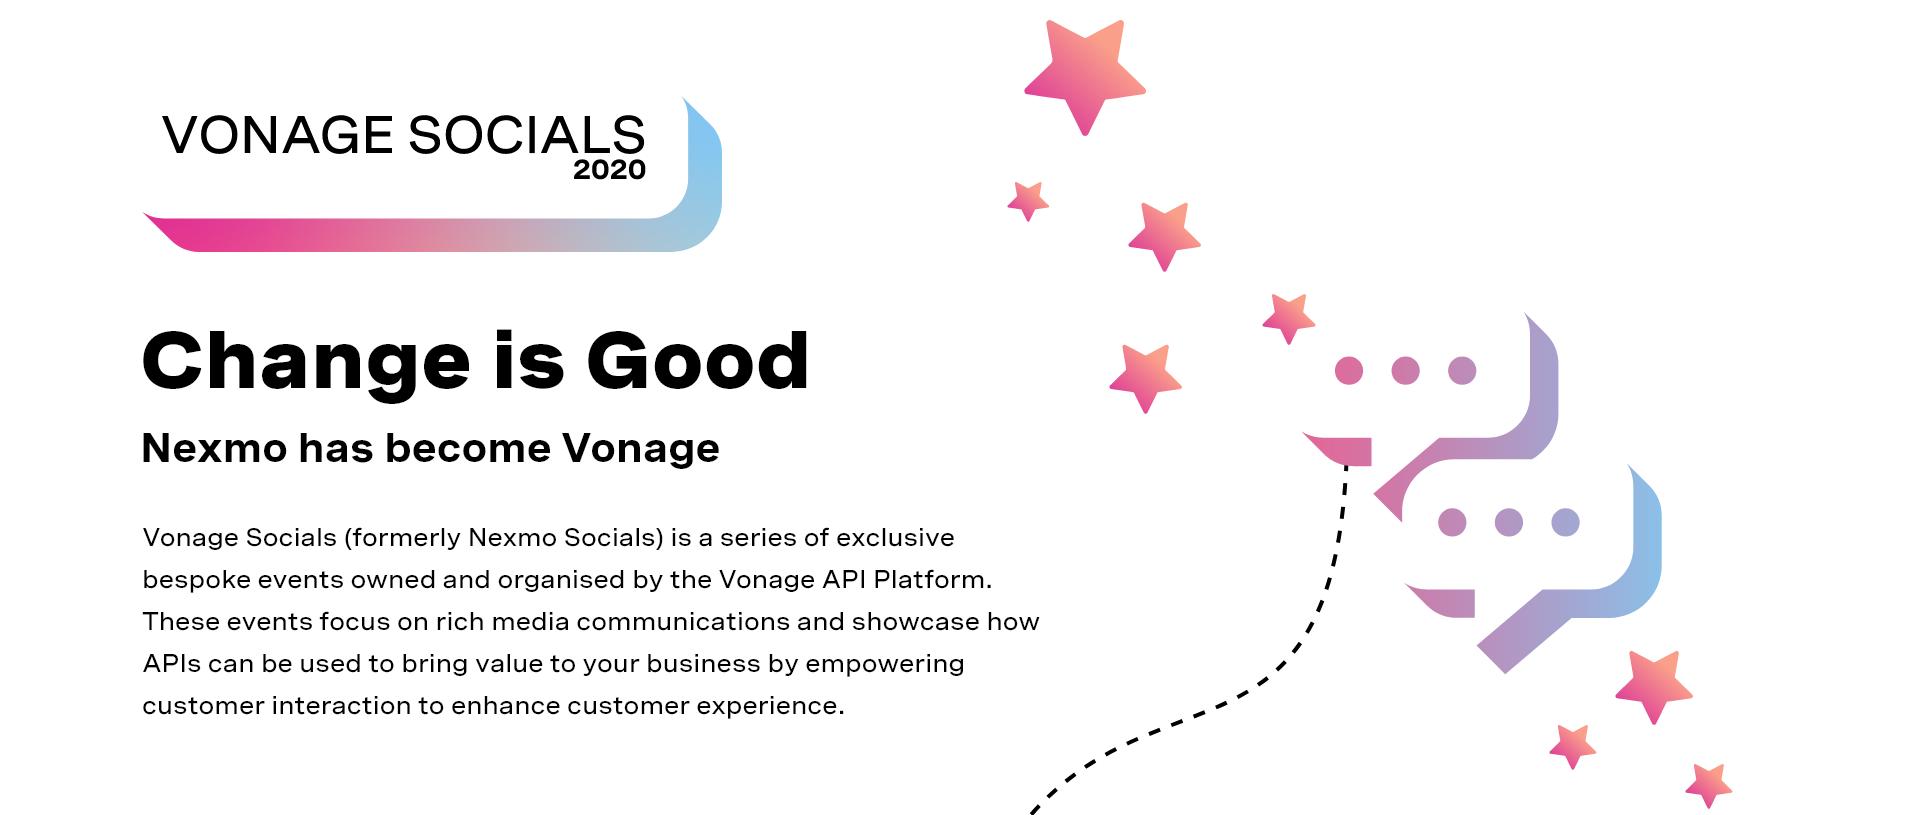 Vonage Socials website header